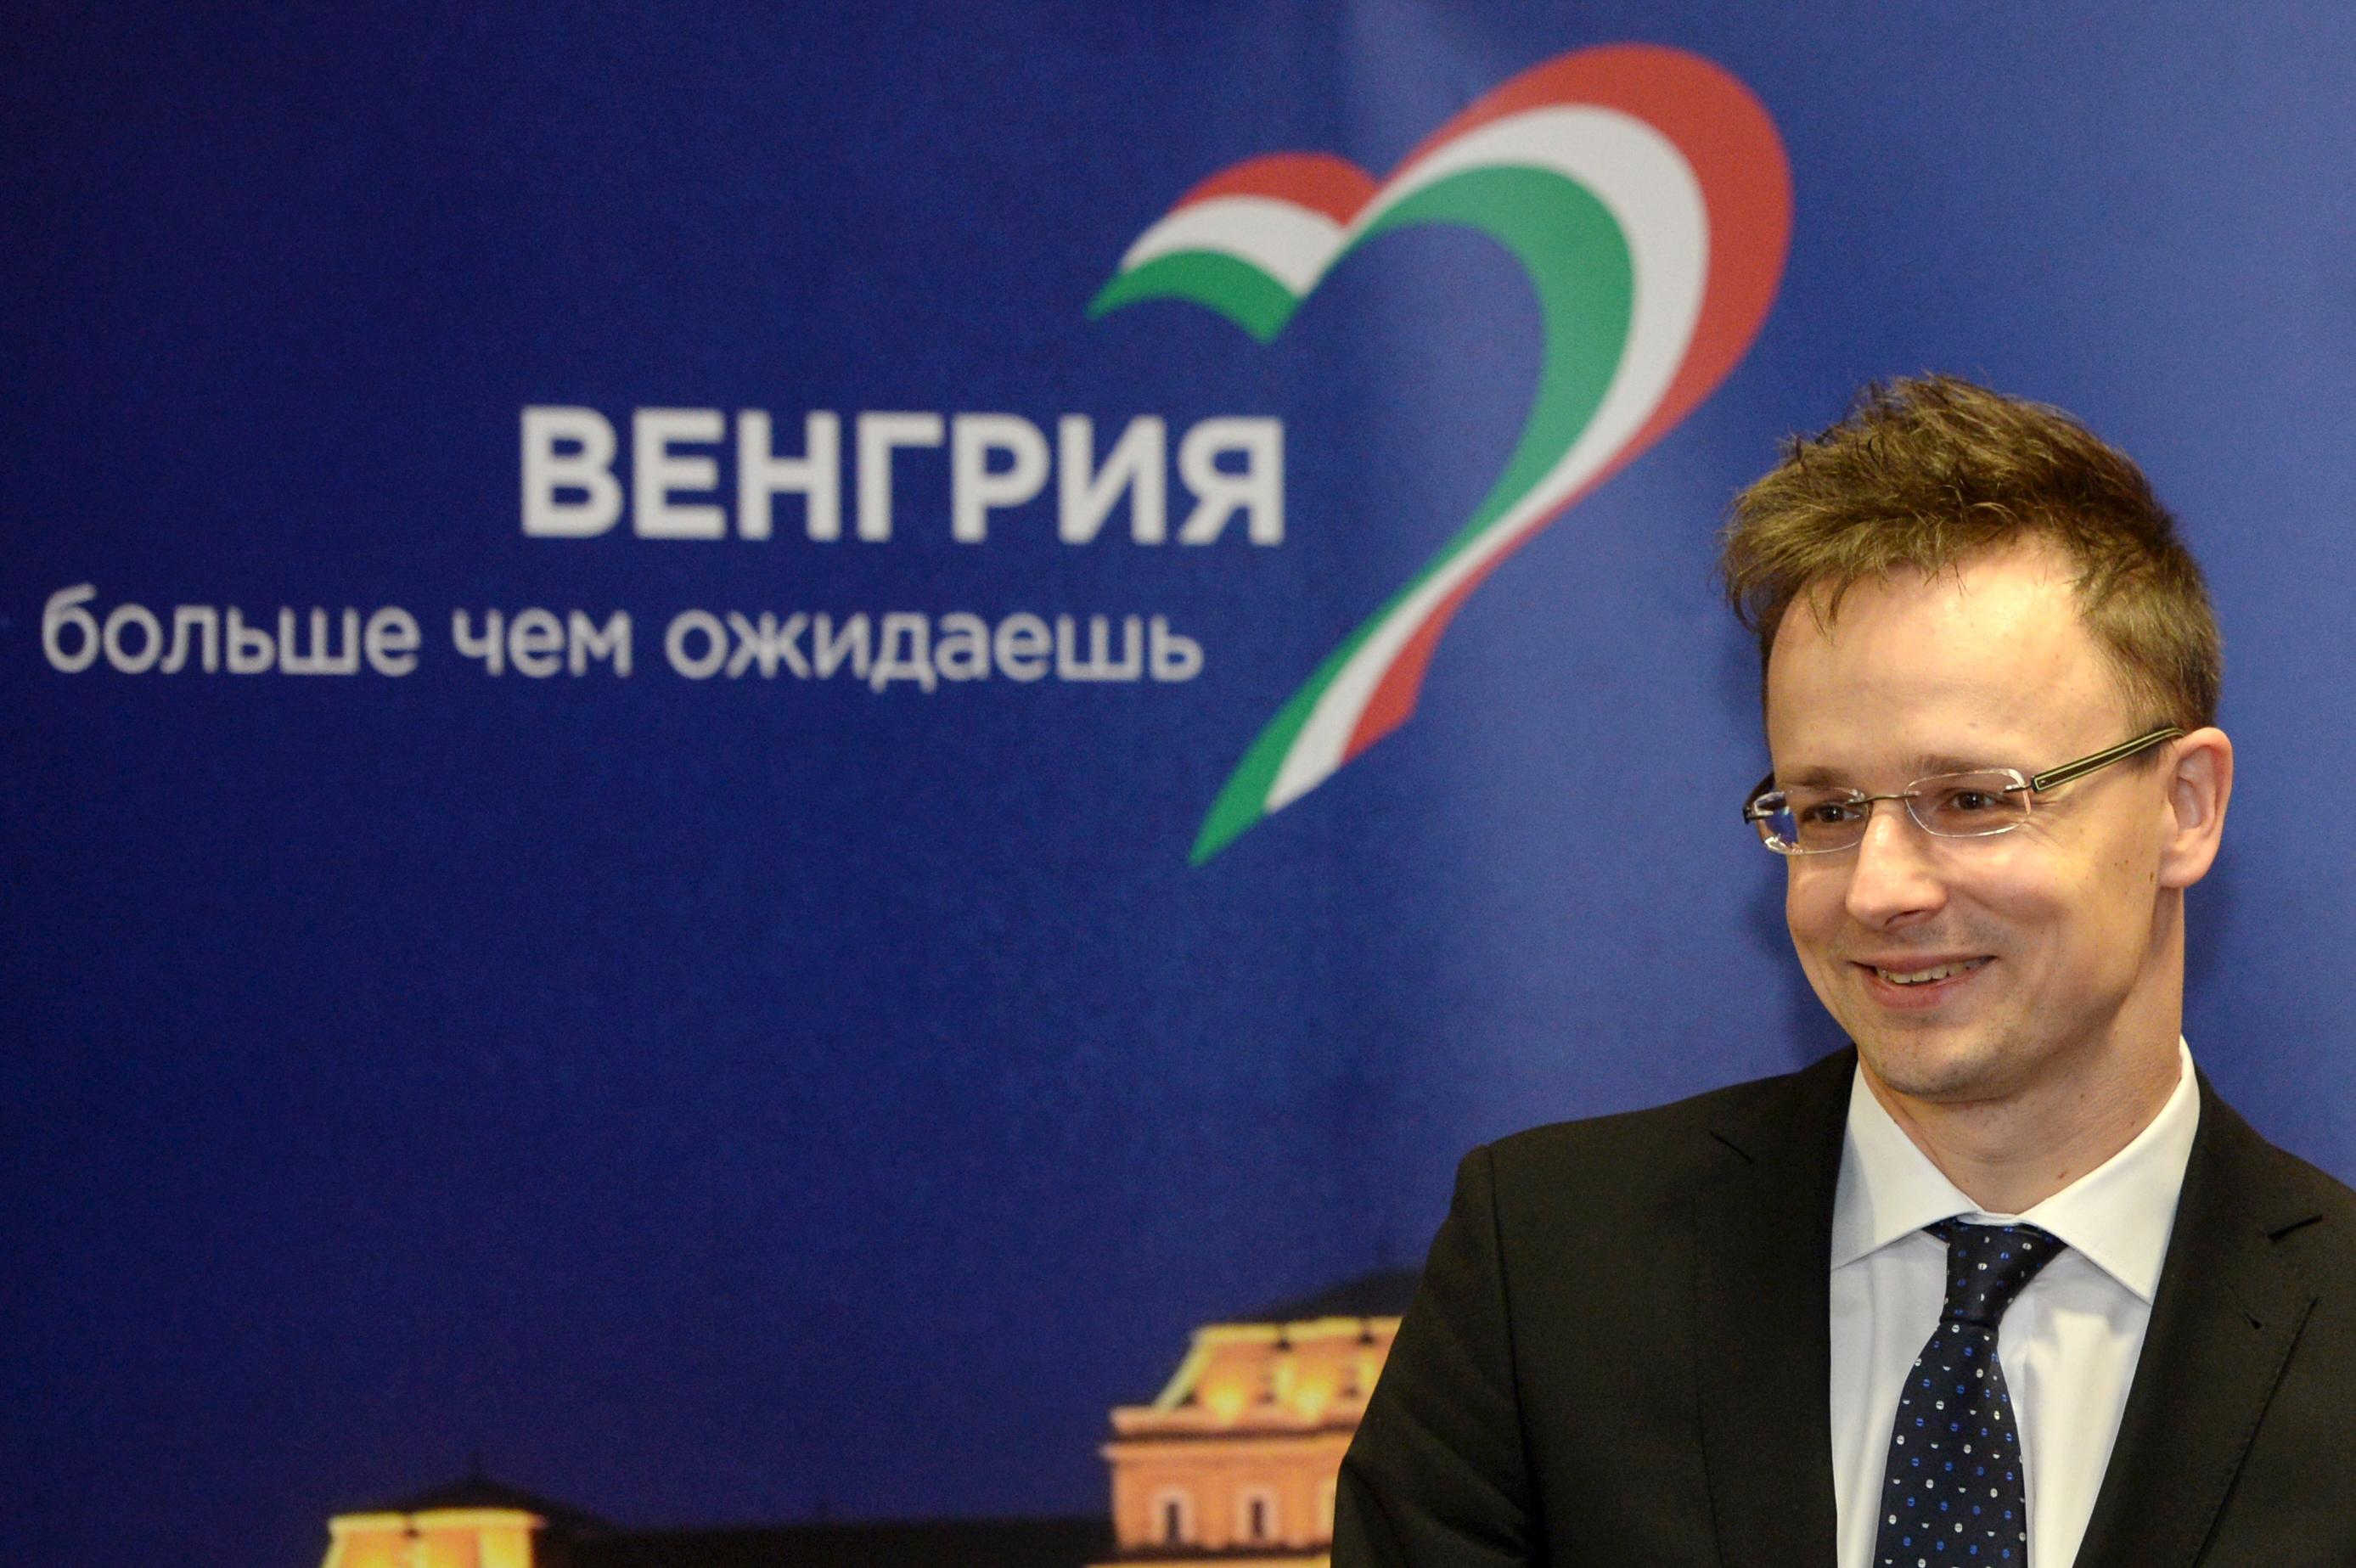 Ausztriát és Boszniát is kereskedőházakkal örvendeztette meg a kormány